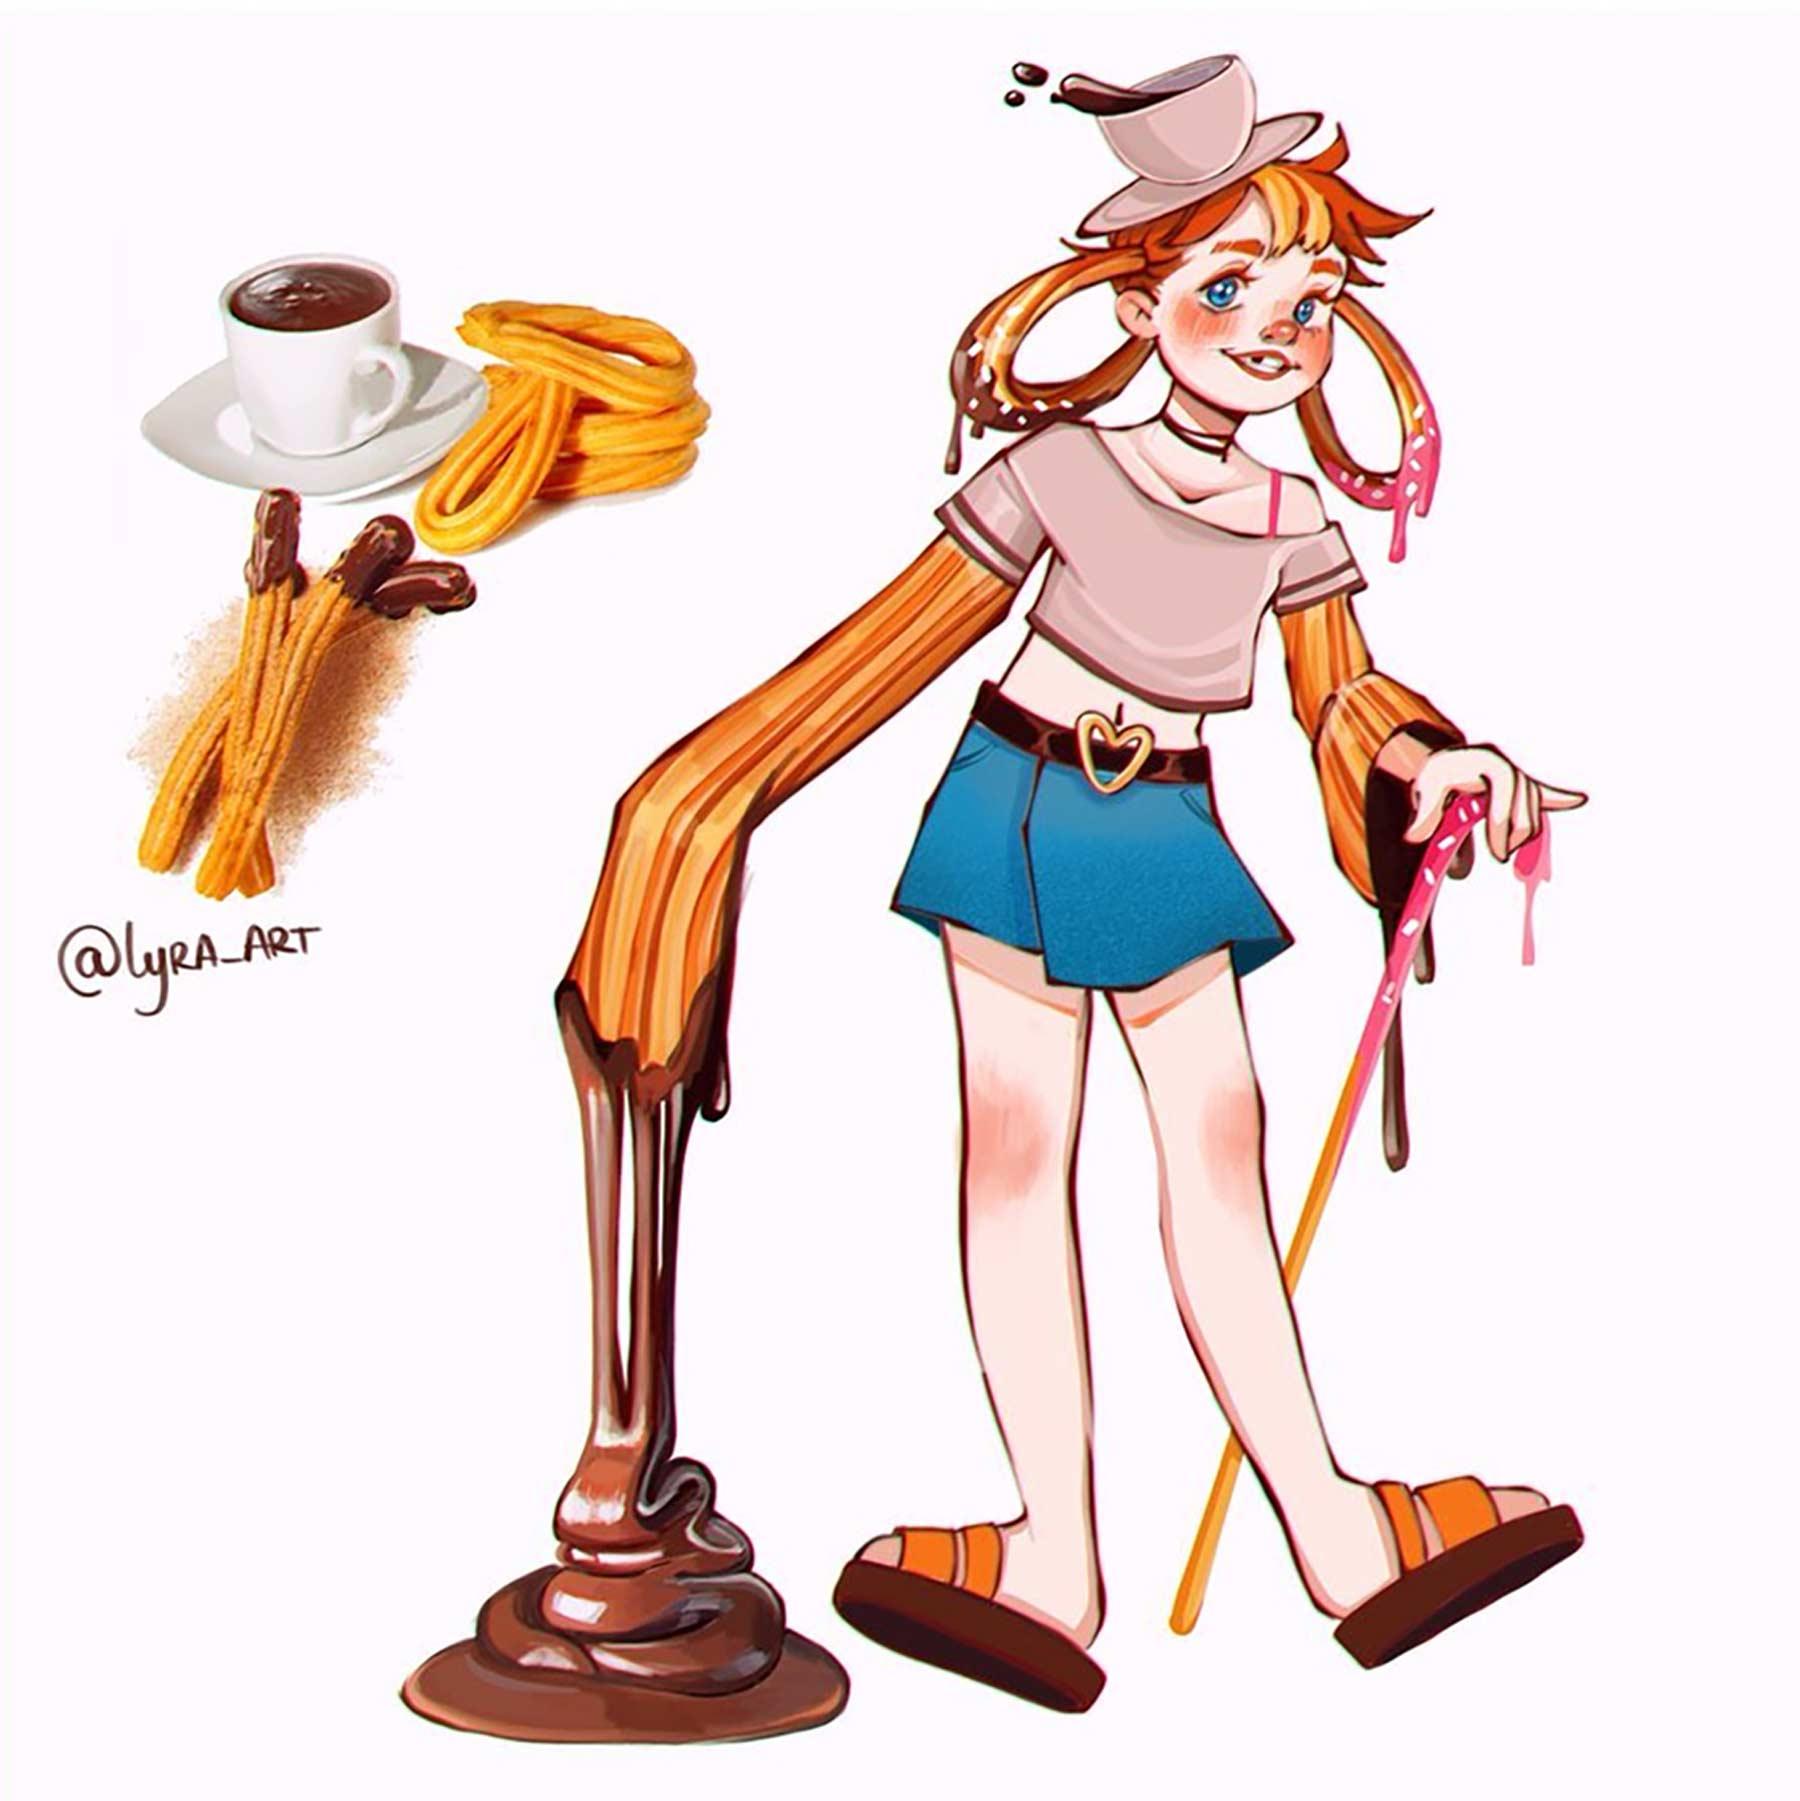 Wenn Snacks Menschen wären lyra-art-food-characters_16